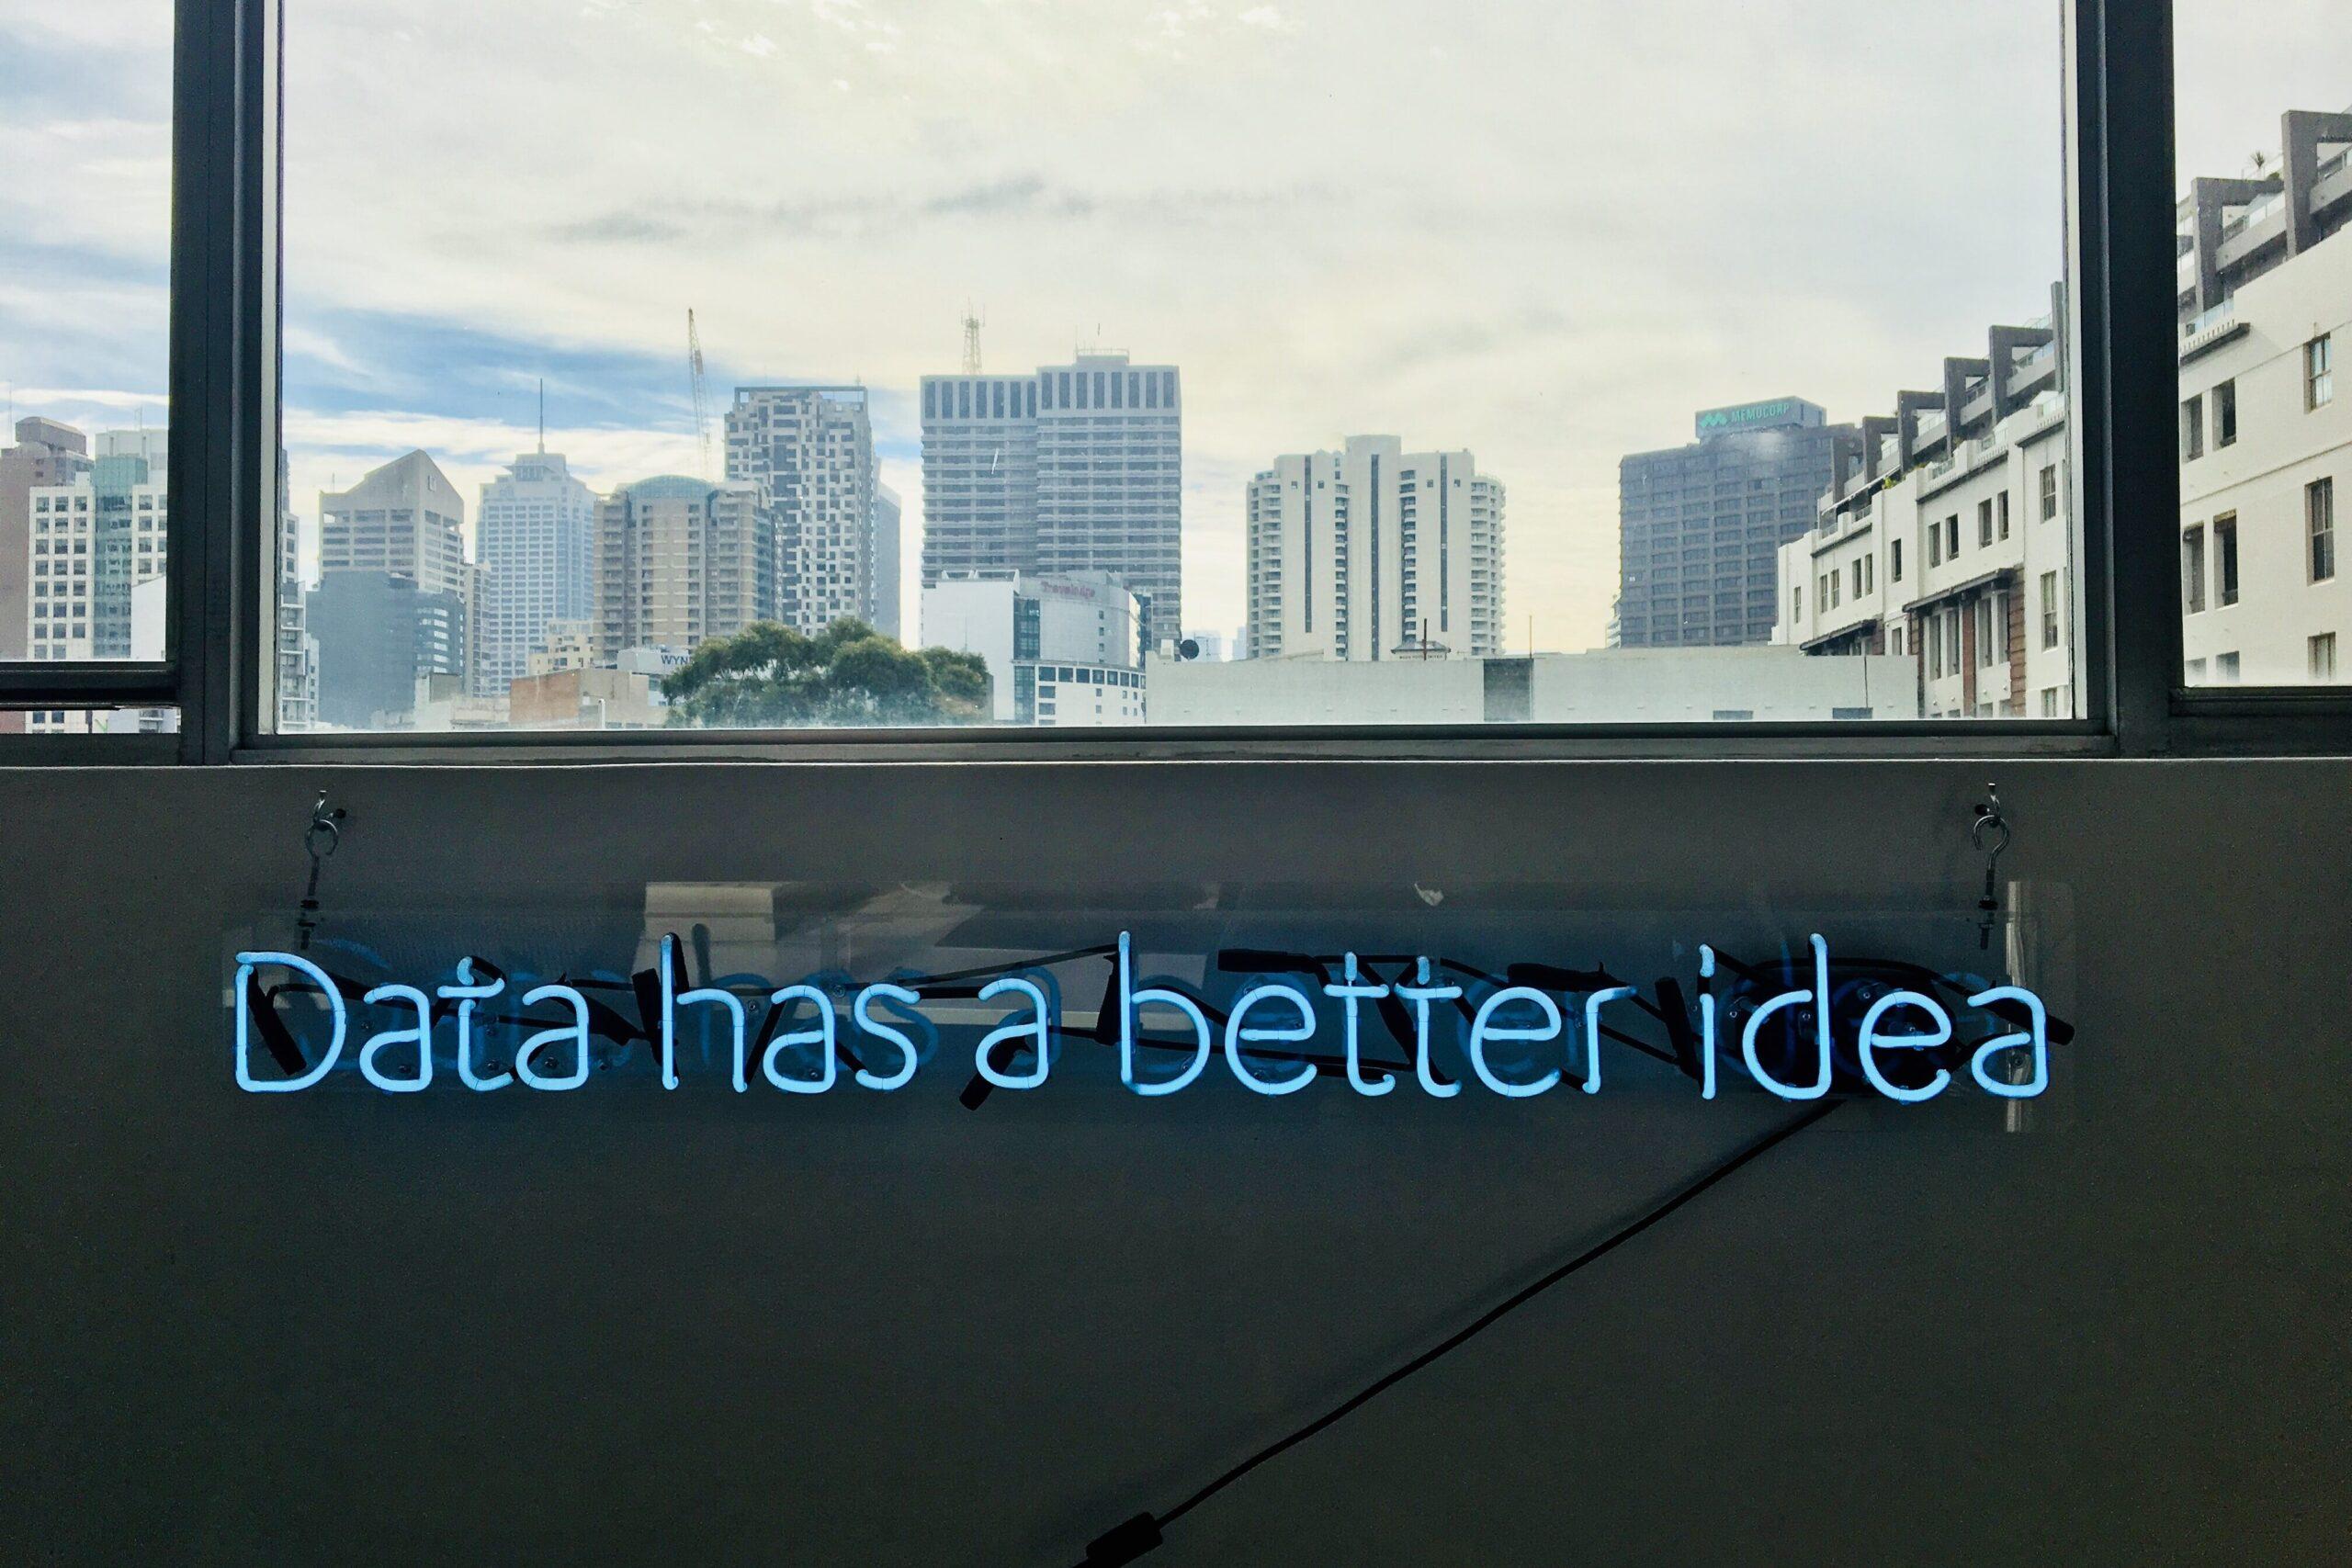 株式会社プラネット 田上正勝氏×株式会社グルーヴノーツ 最首英裕 対談インタビュー:膨大なデータには大きな価値がある